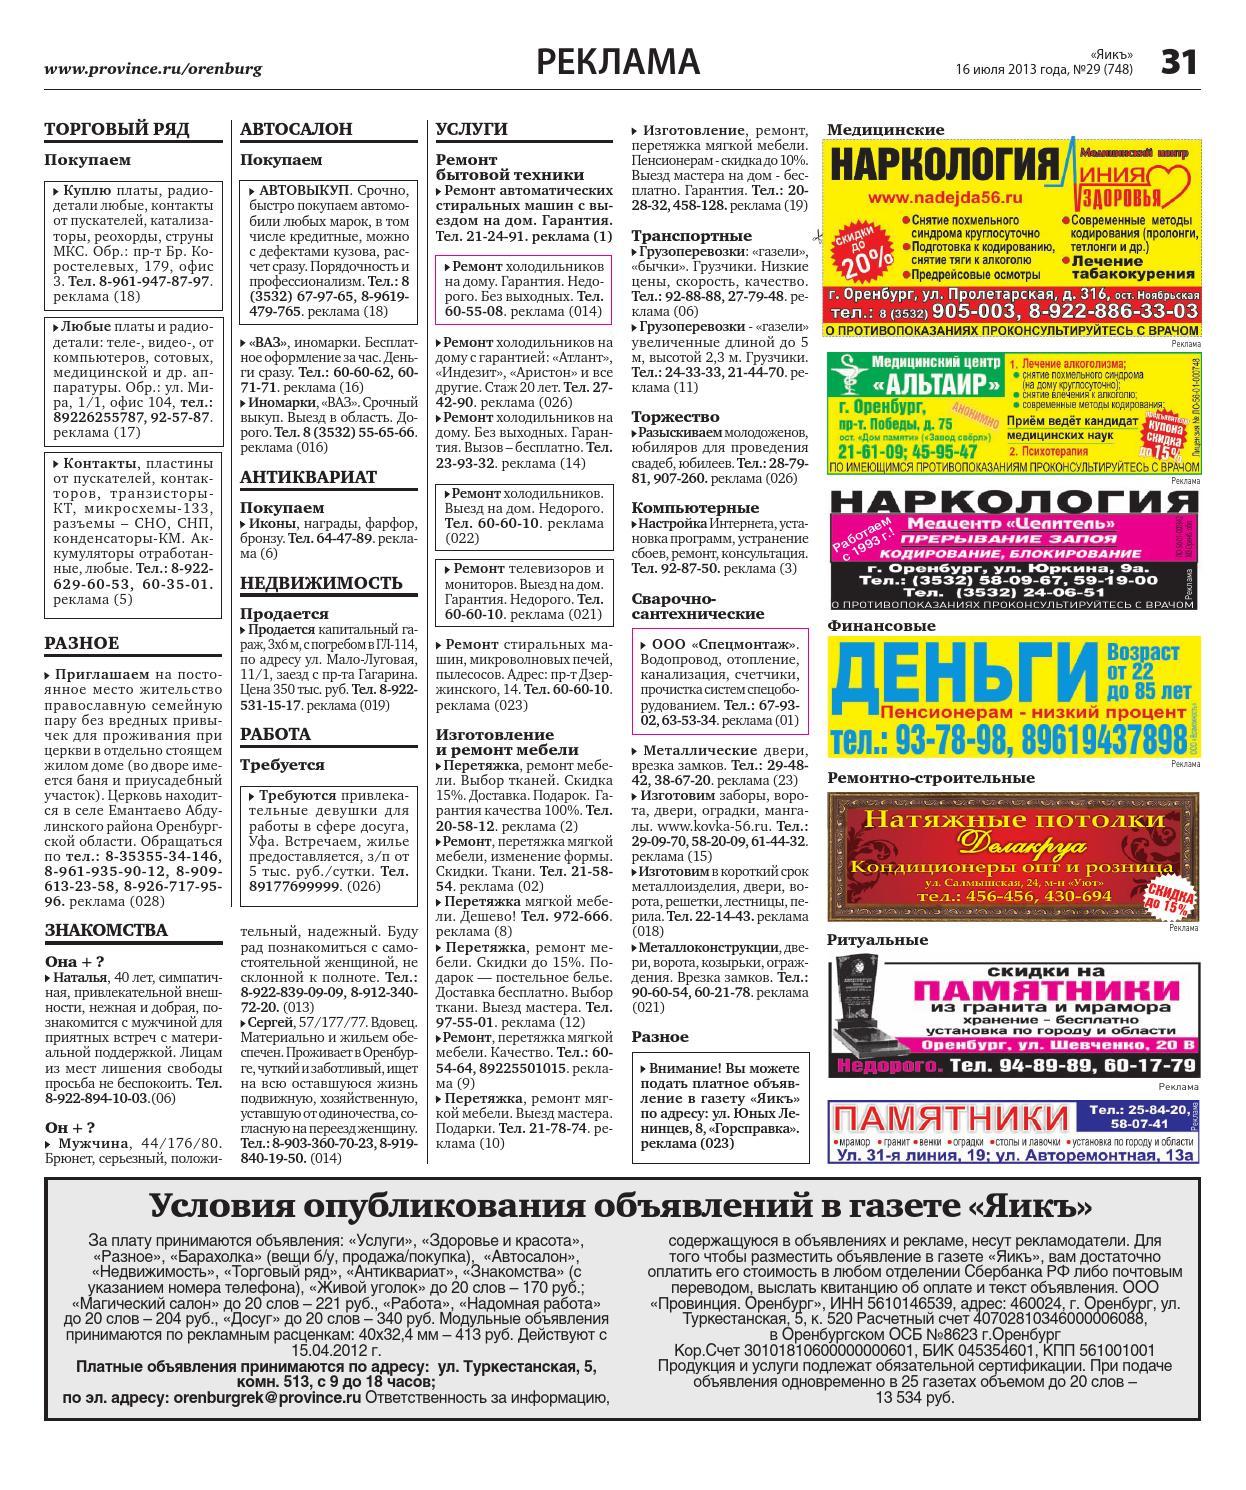 Объявления из сел газет о знакомстве